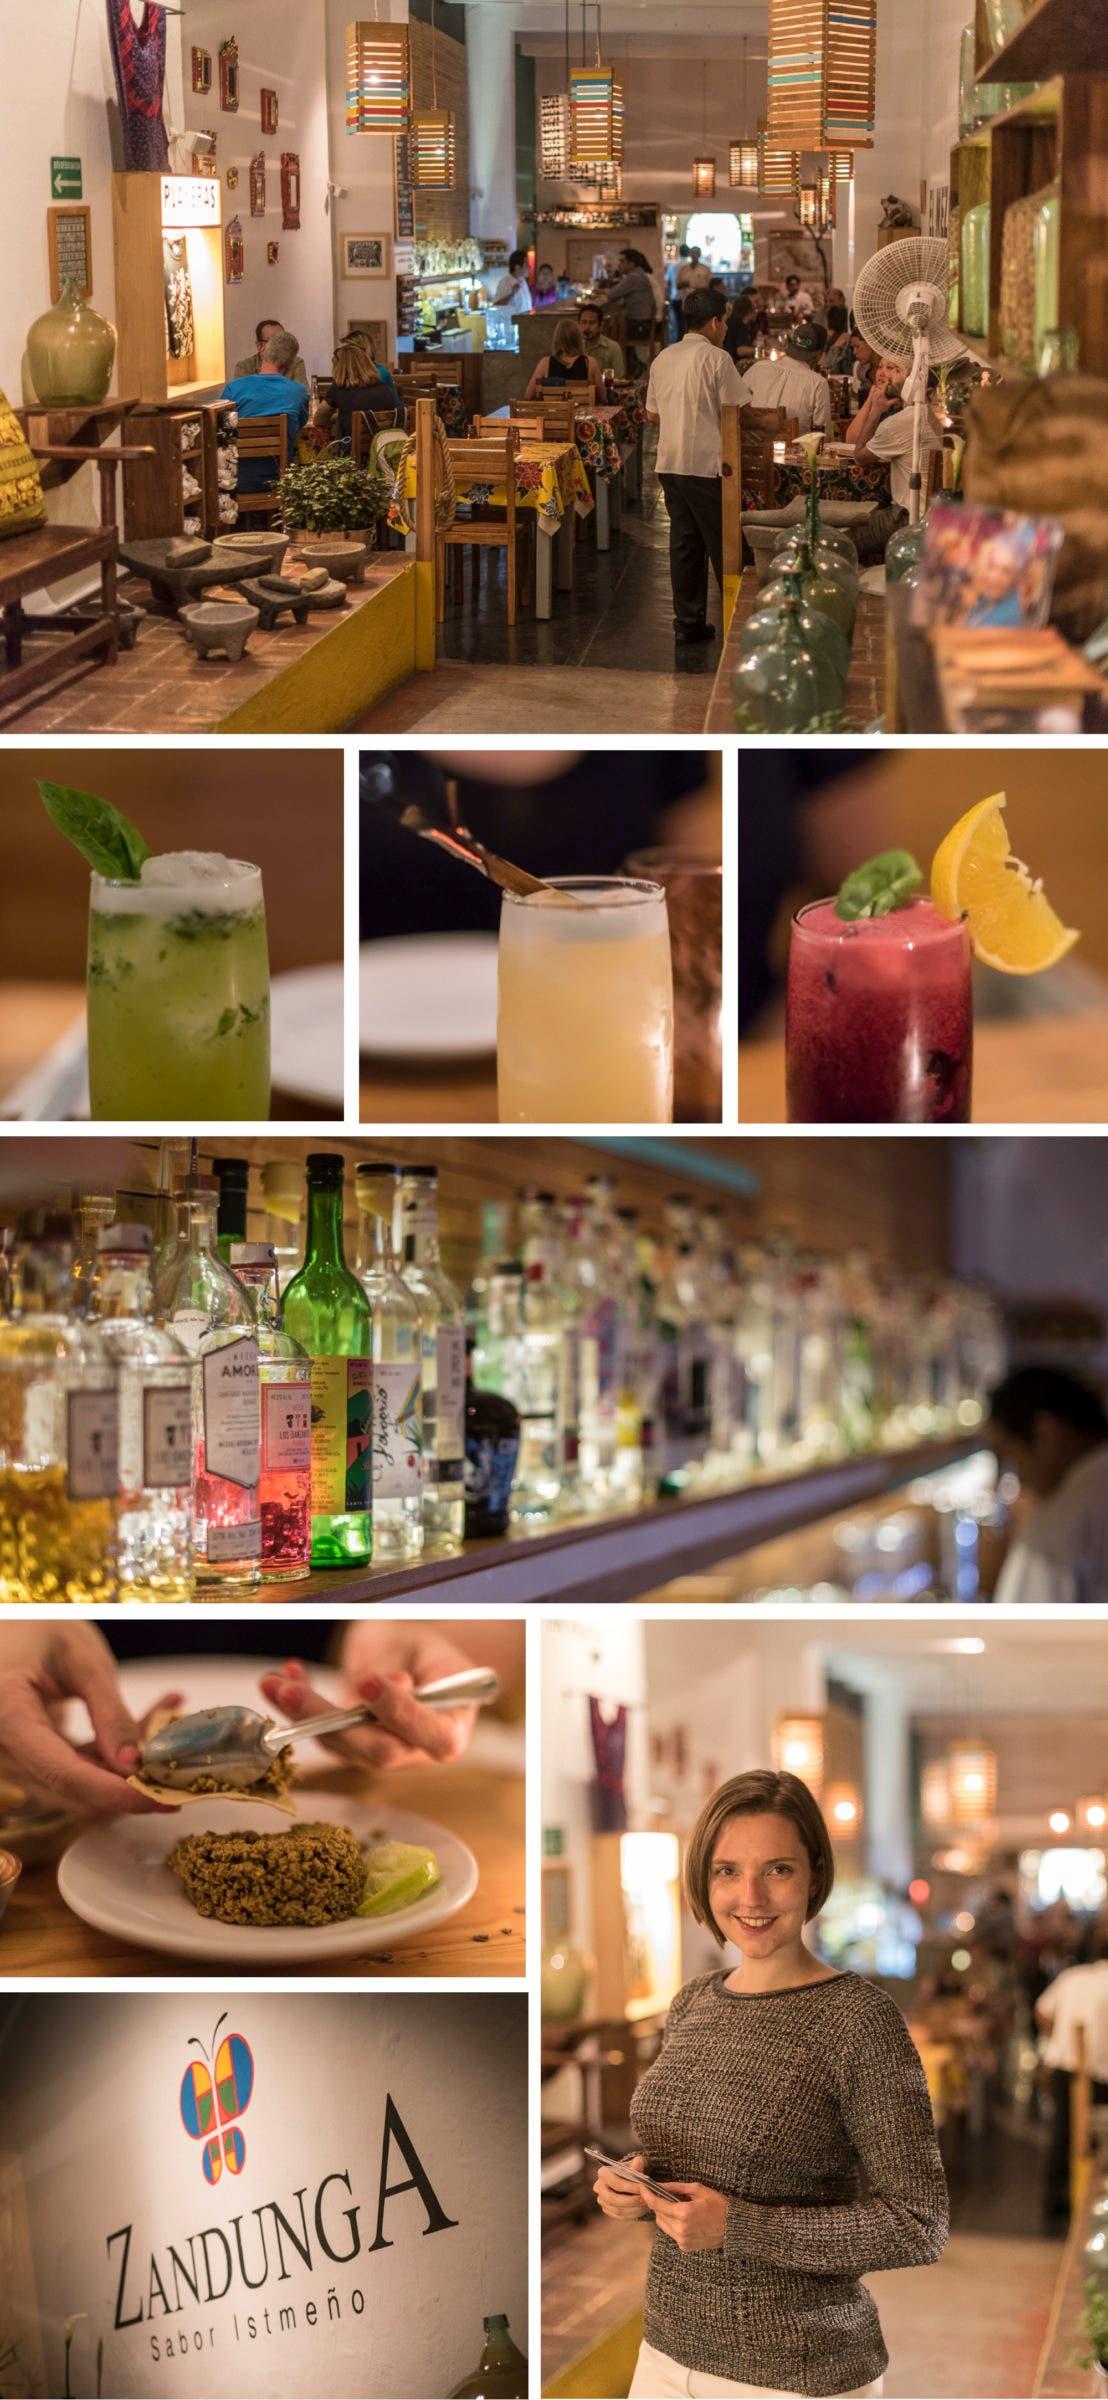 Collage aus Fotos der mexikanischen Bar Zandunga